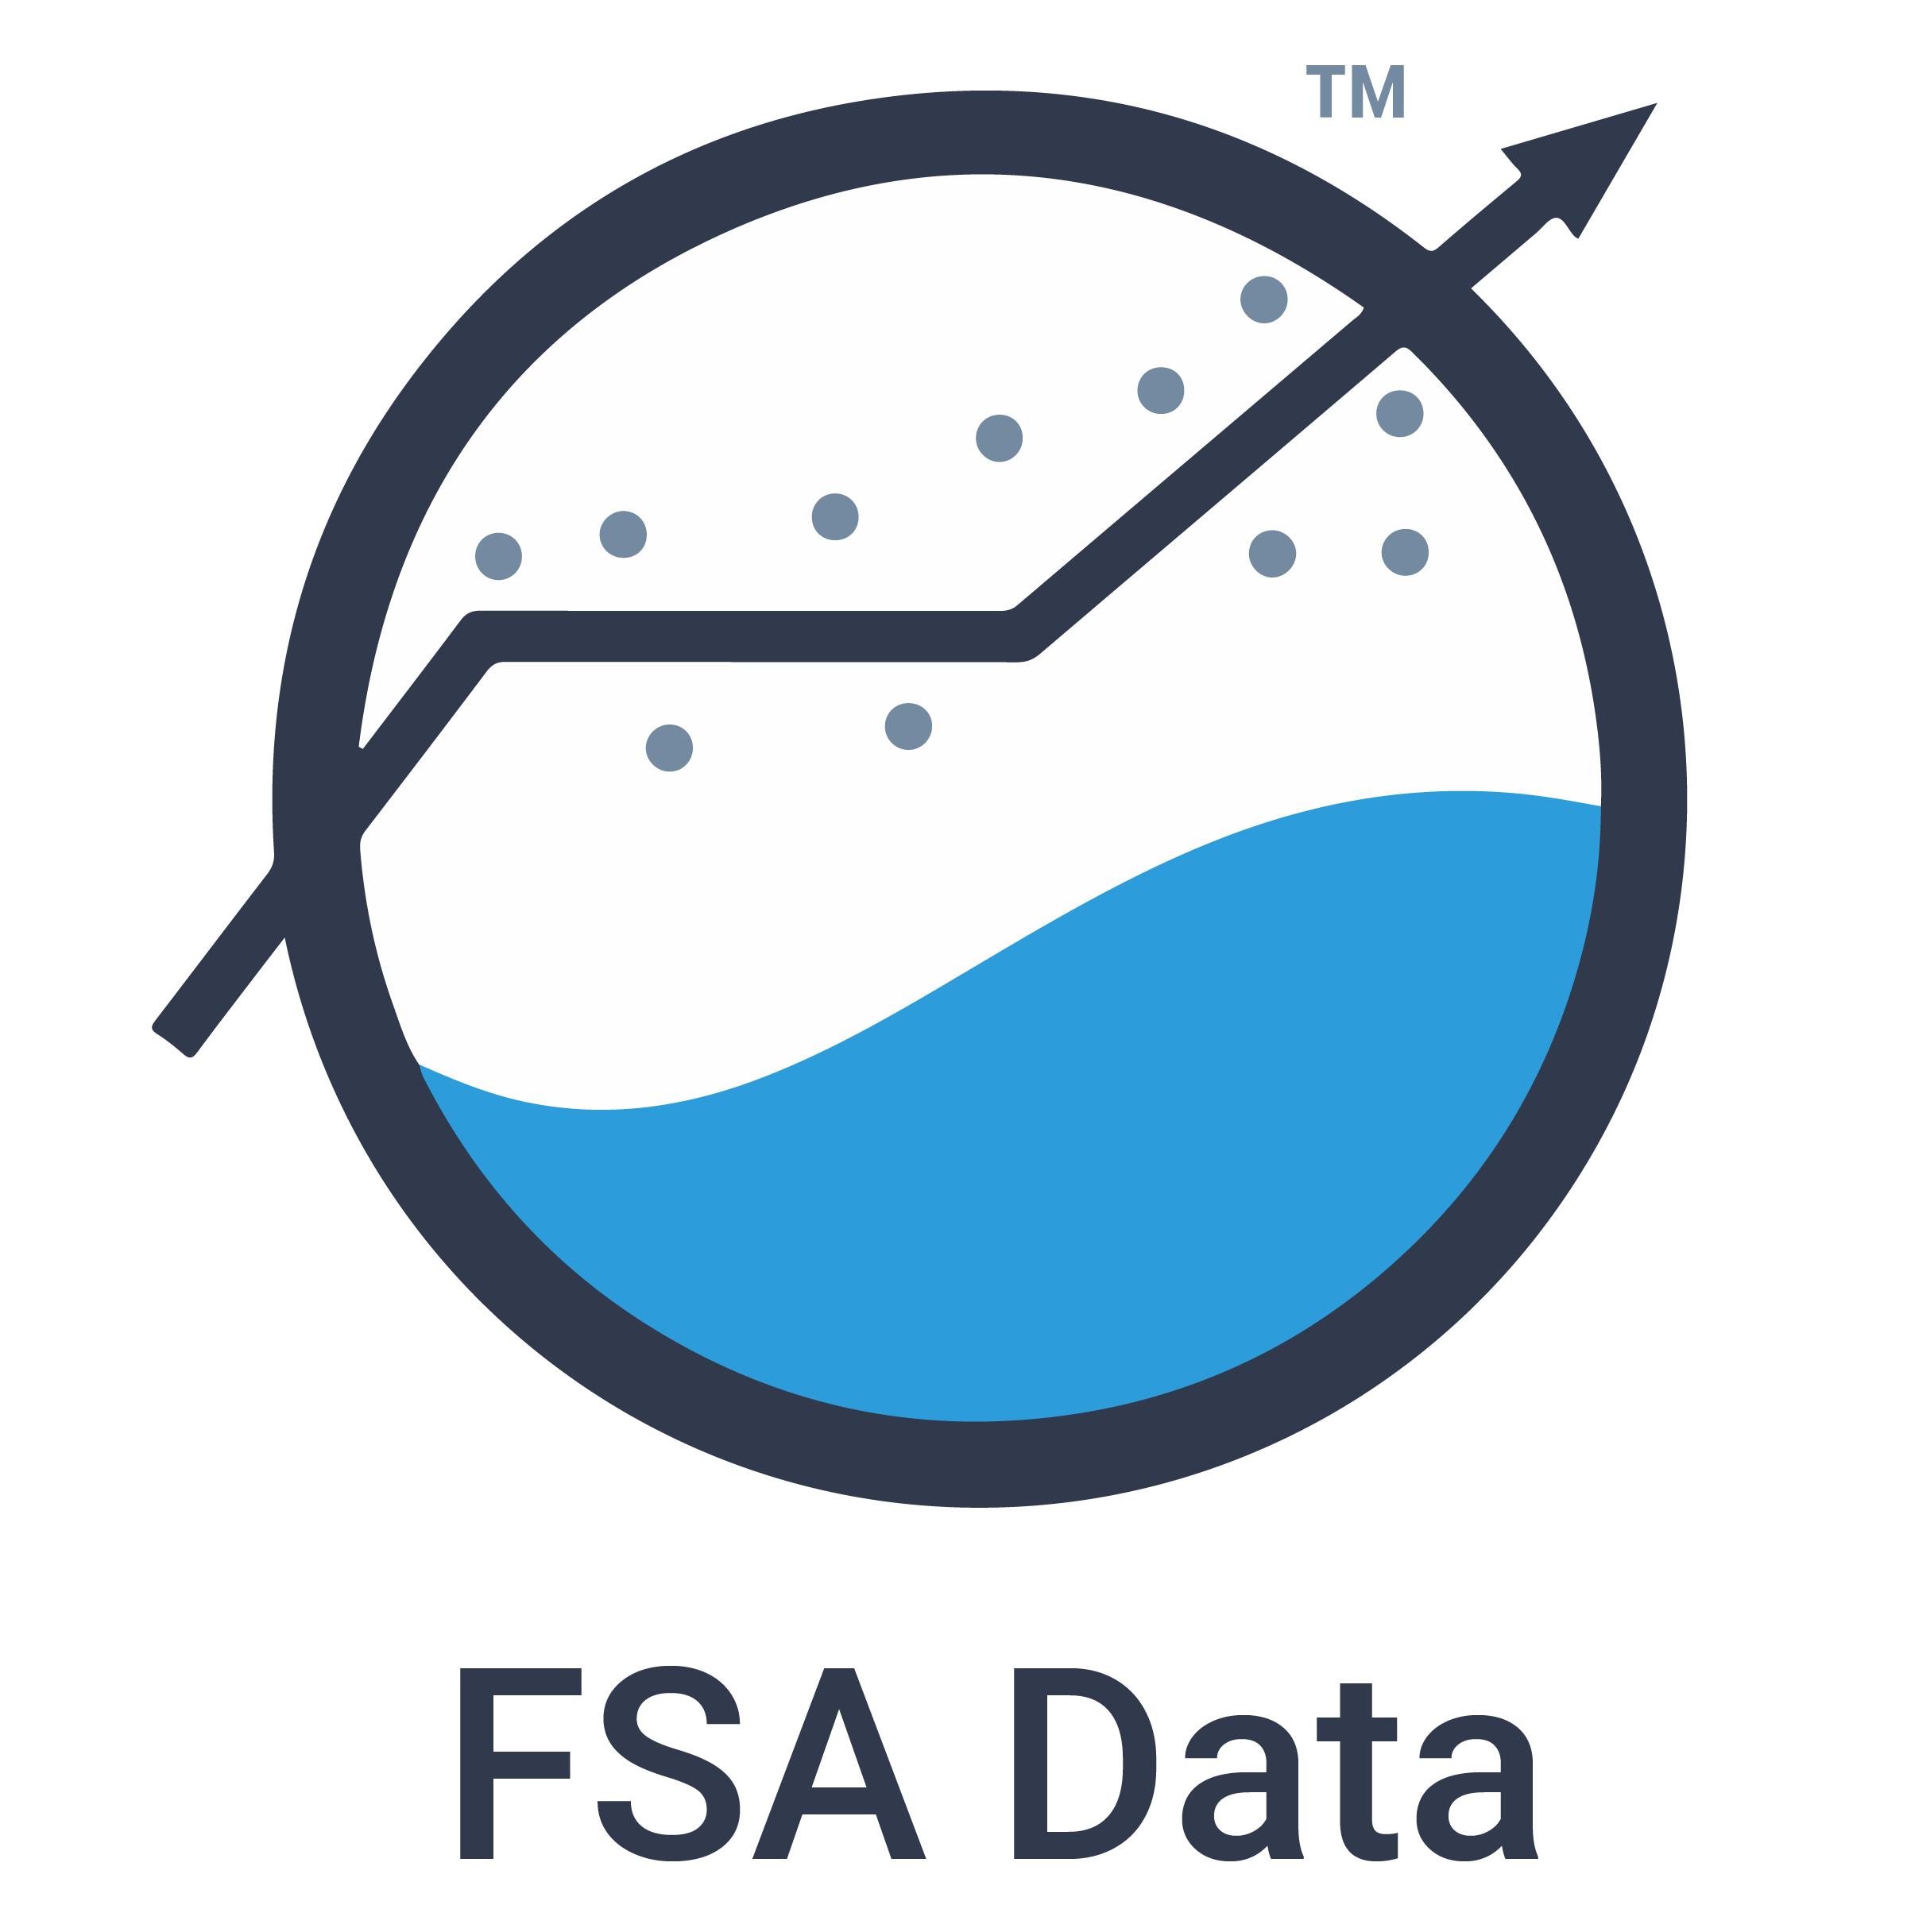 FSA Data